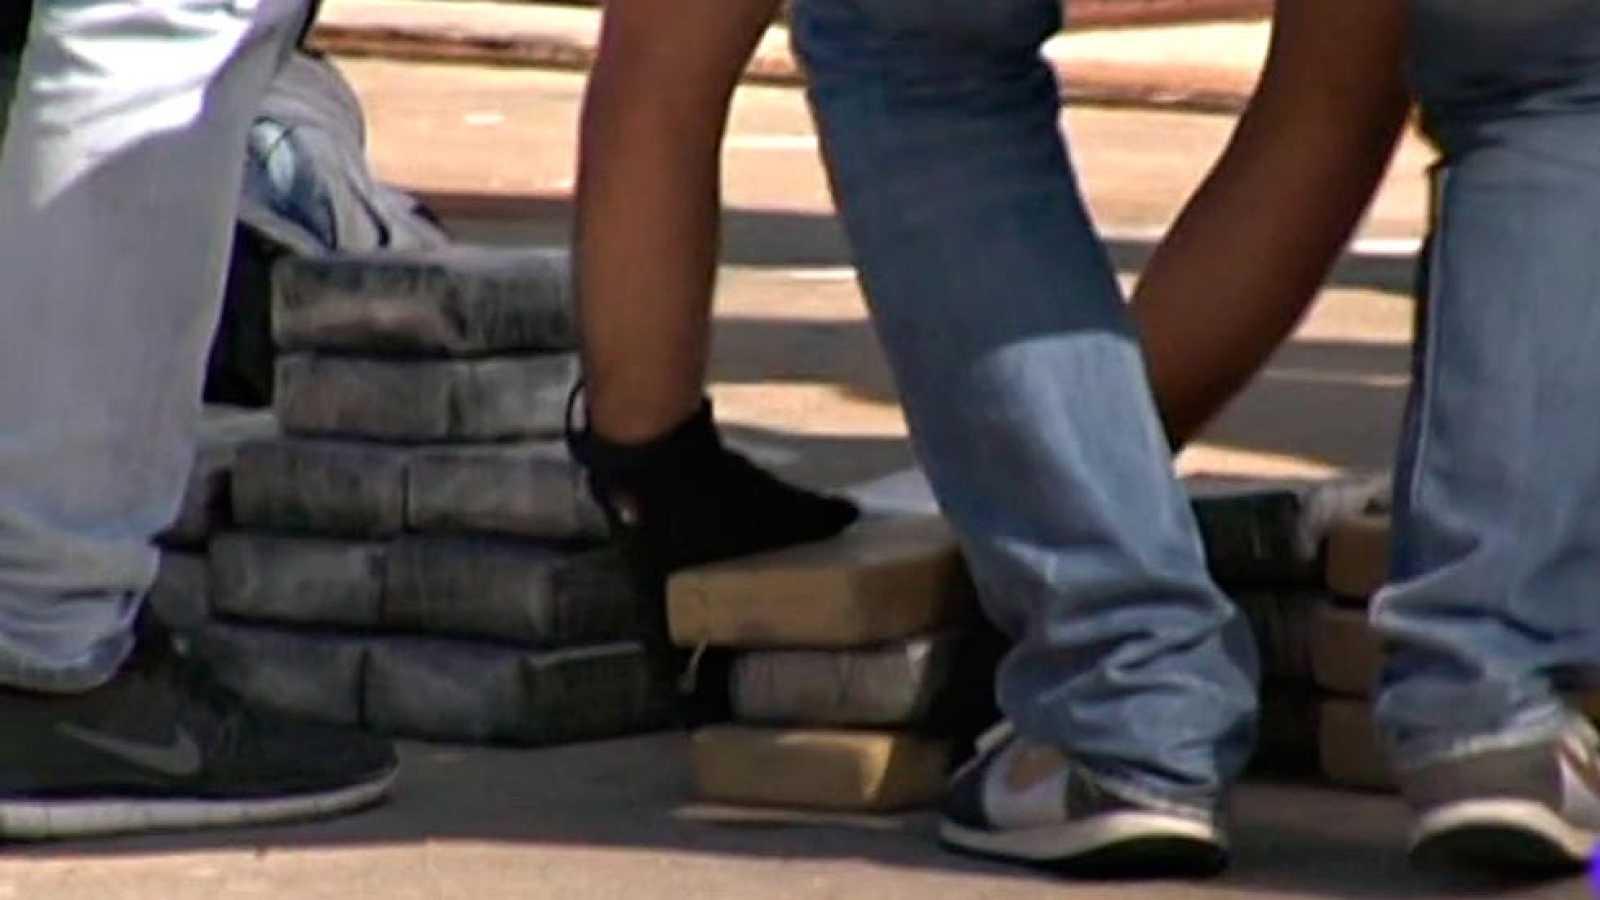 España y Marruecos aprehenden dos toneladas y media de cocaína cerca del Sáhara Occidental